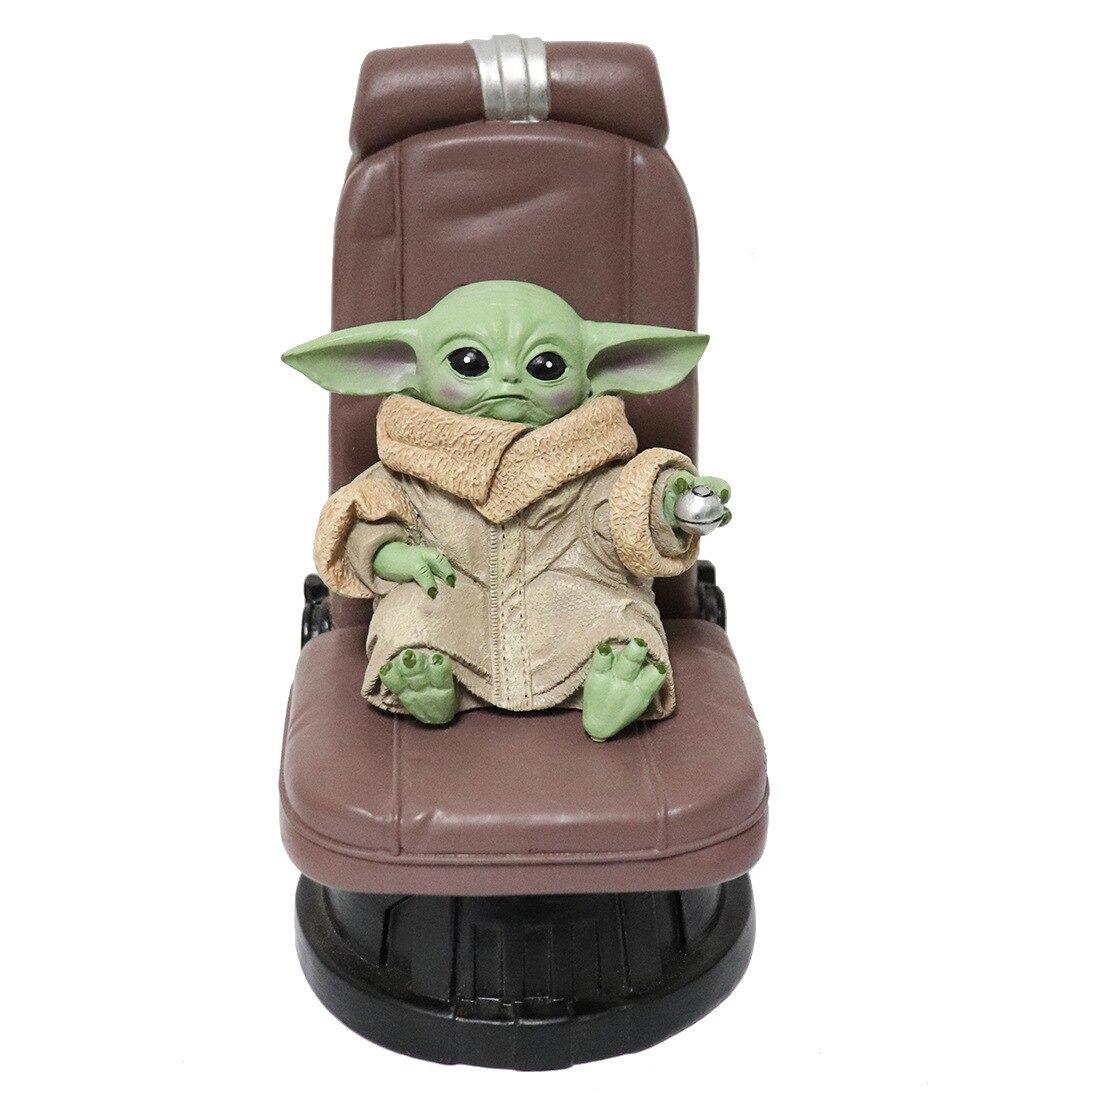 Estátua Grogu Baby Yoda na Cadeira Poltrona The Mandalorian Star Wars Escala 1/12 - EVALI